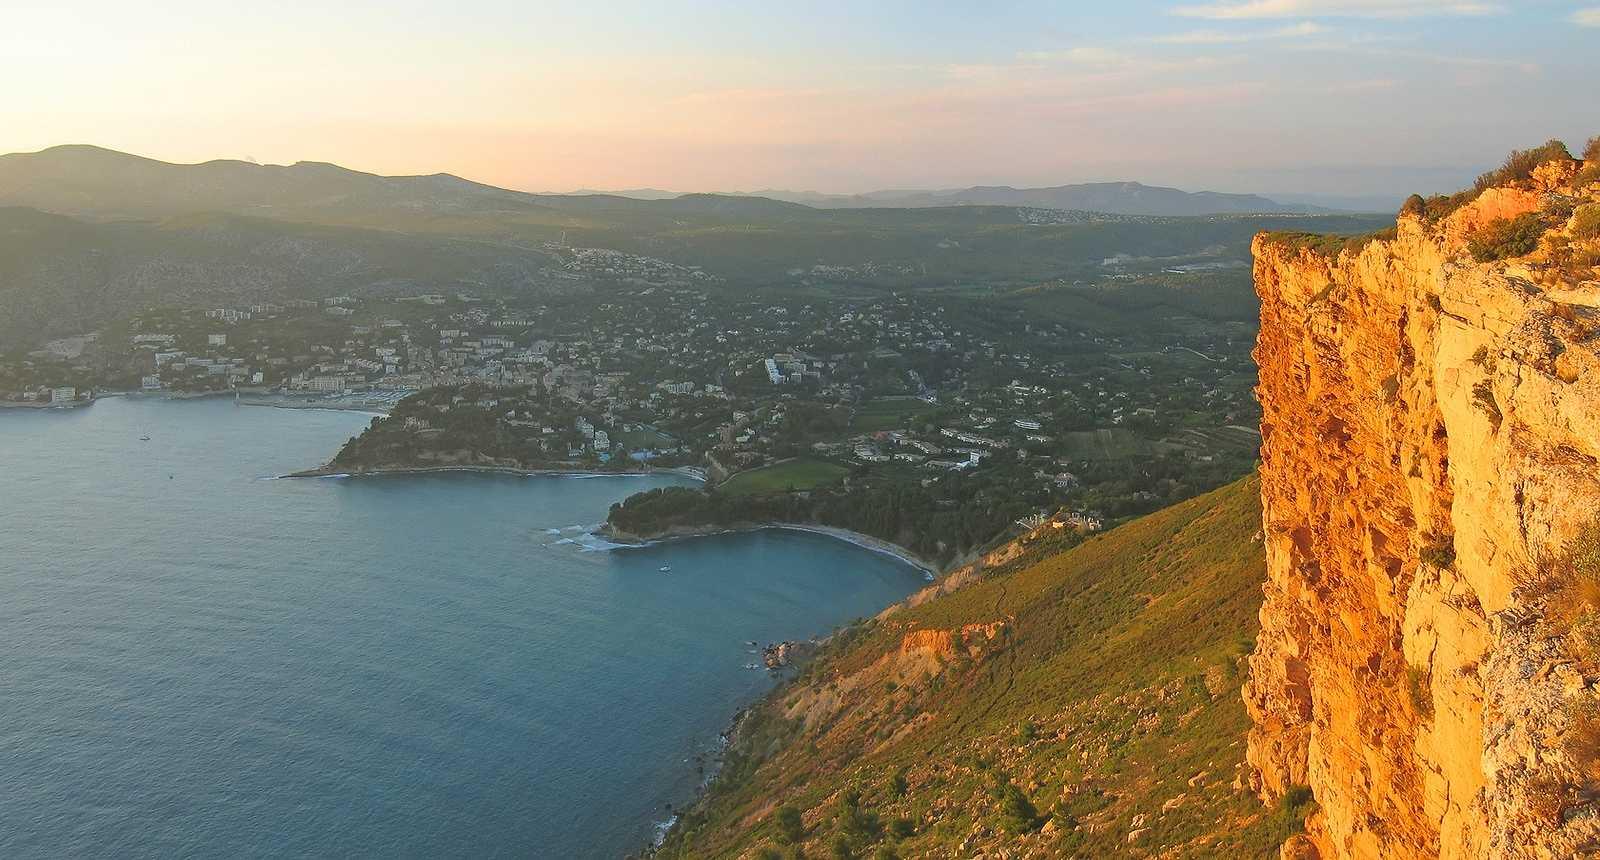 Vue sur la ville de Cassis depuis la falaise du Cap Canaille